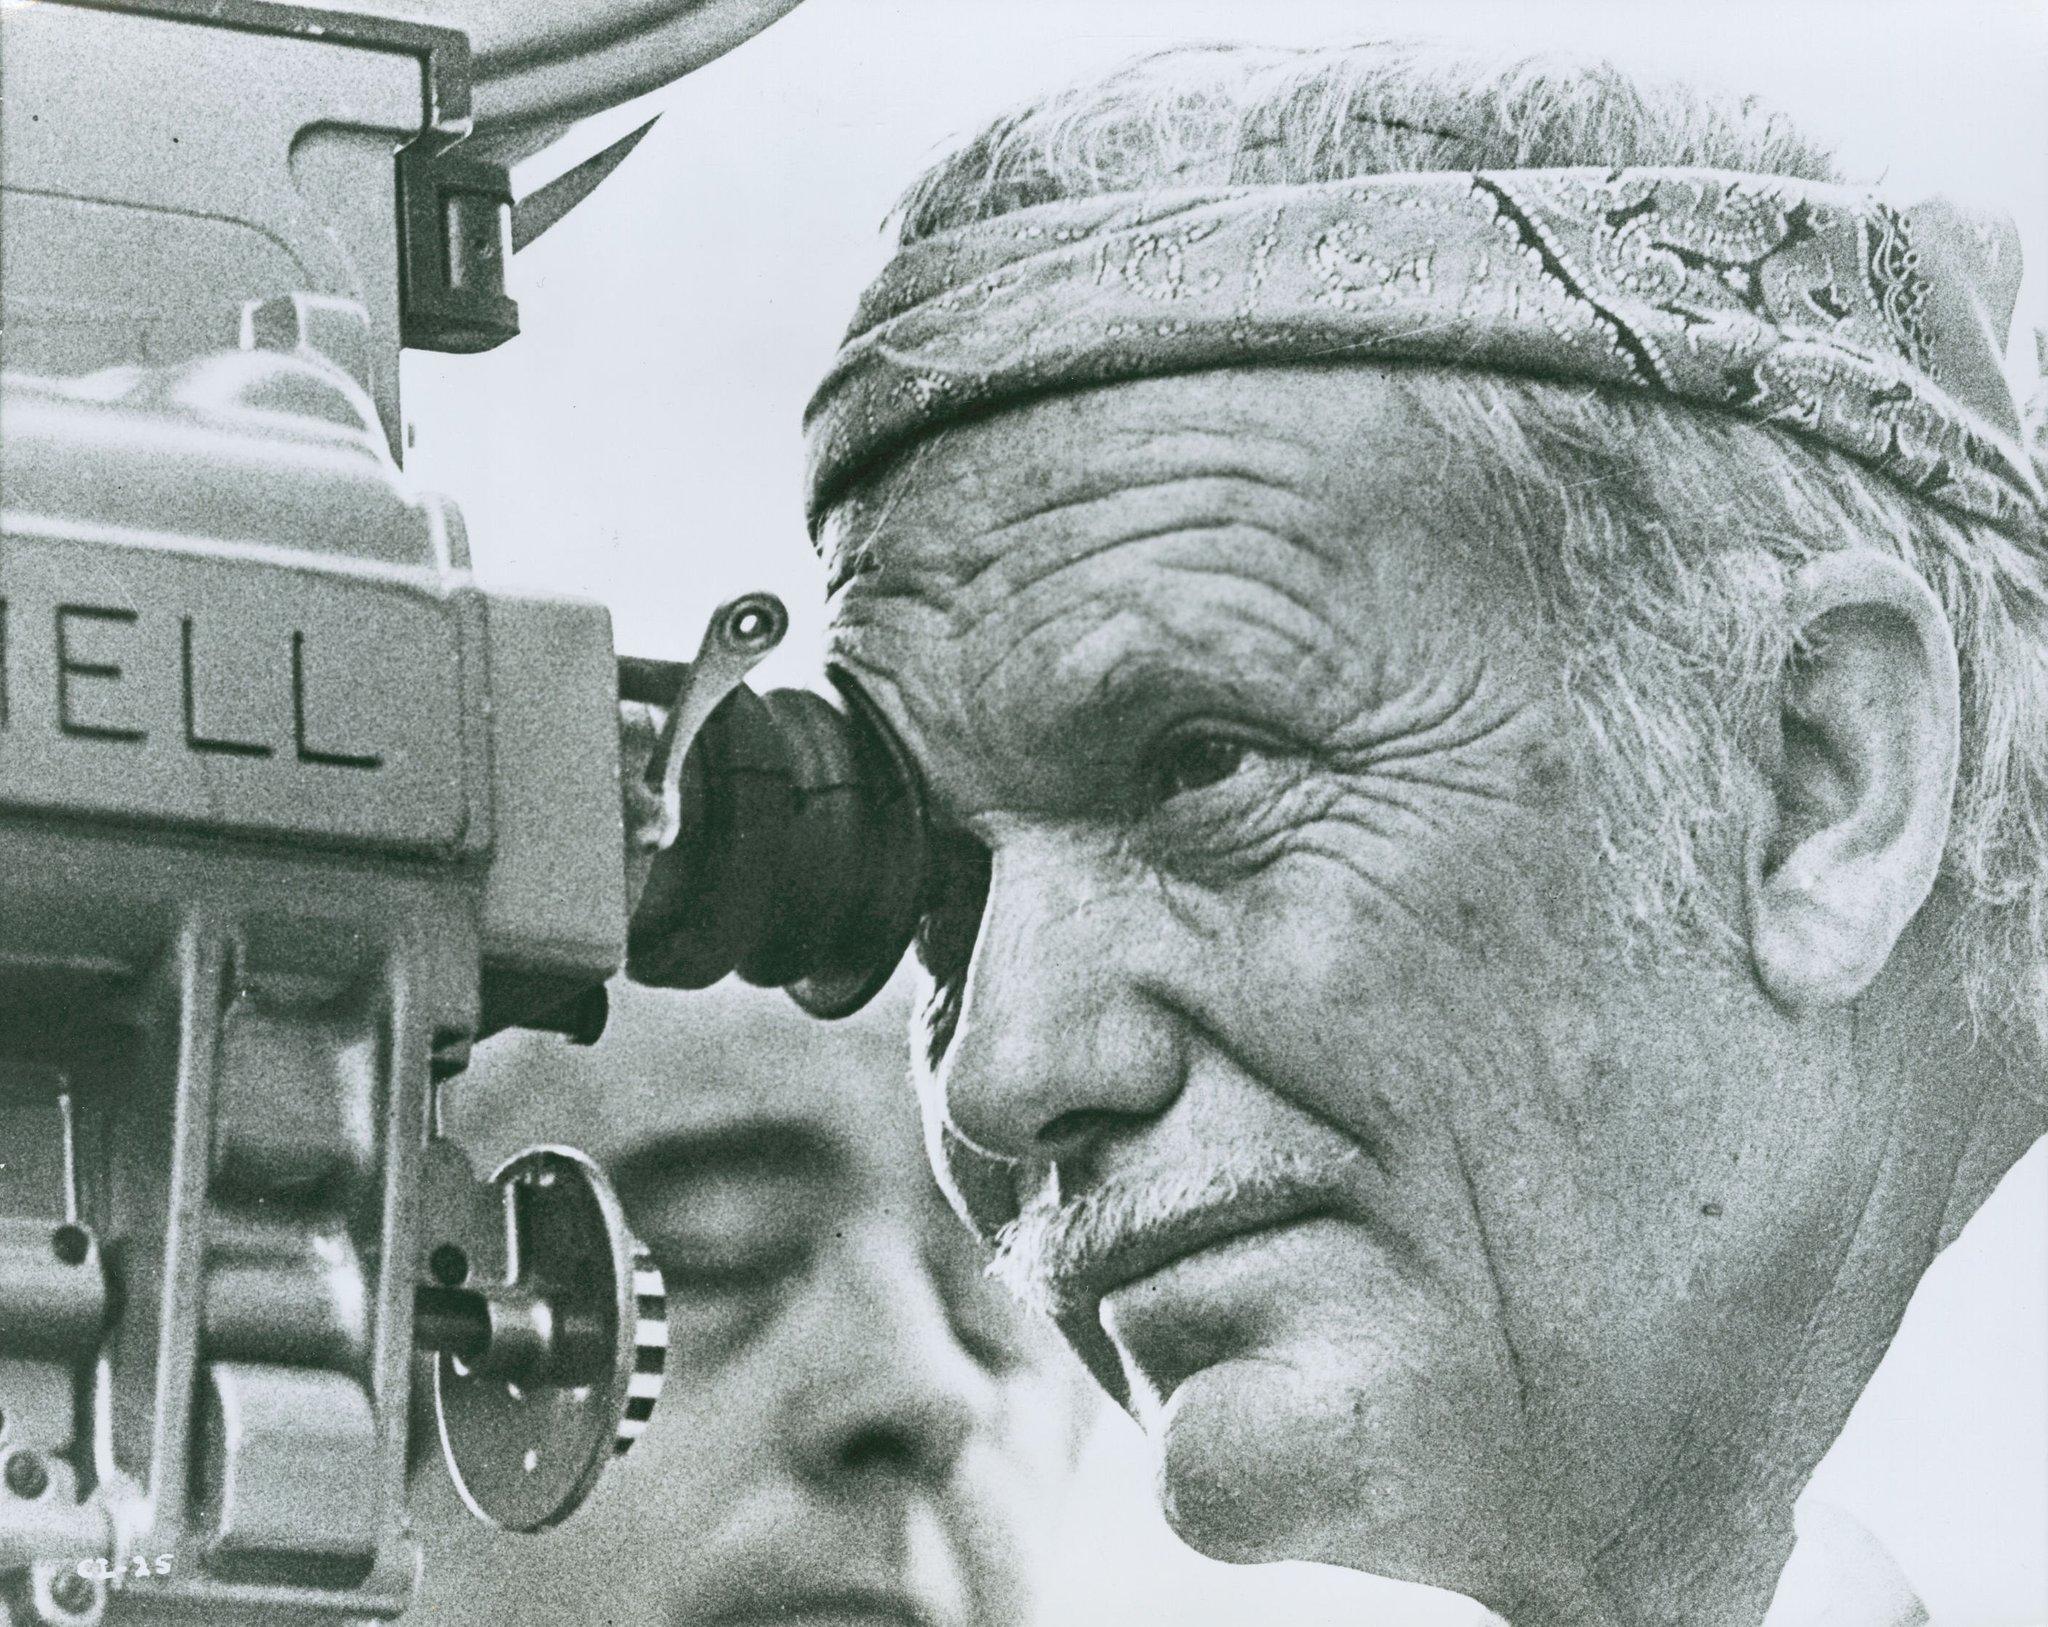 Sam Peckinpah est mort le 28 déc 1984. Dans son oeuvre : la violence du cinéma américain des années 1960 mais aussi tendresse et mélancolie. https://t.co/JVMcB3QK1d